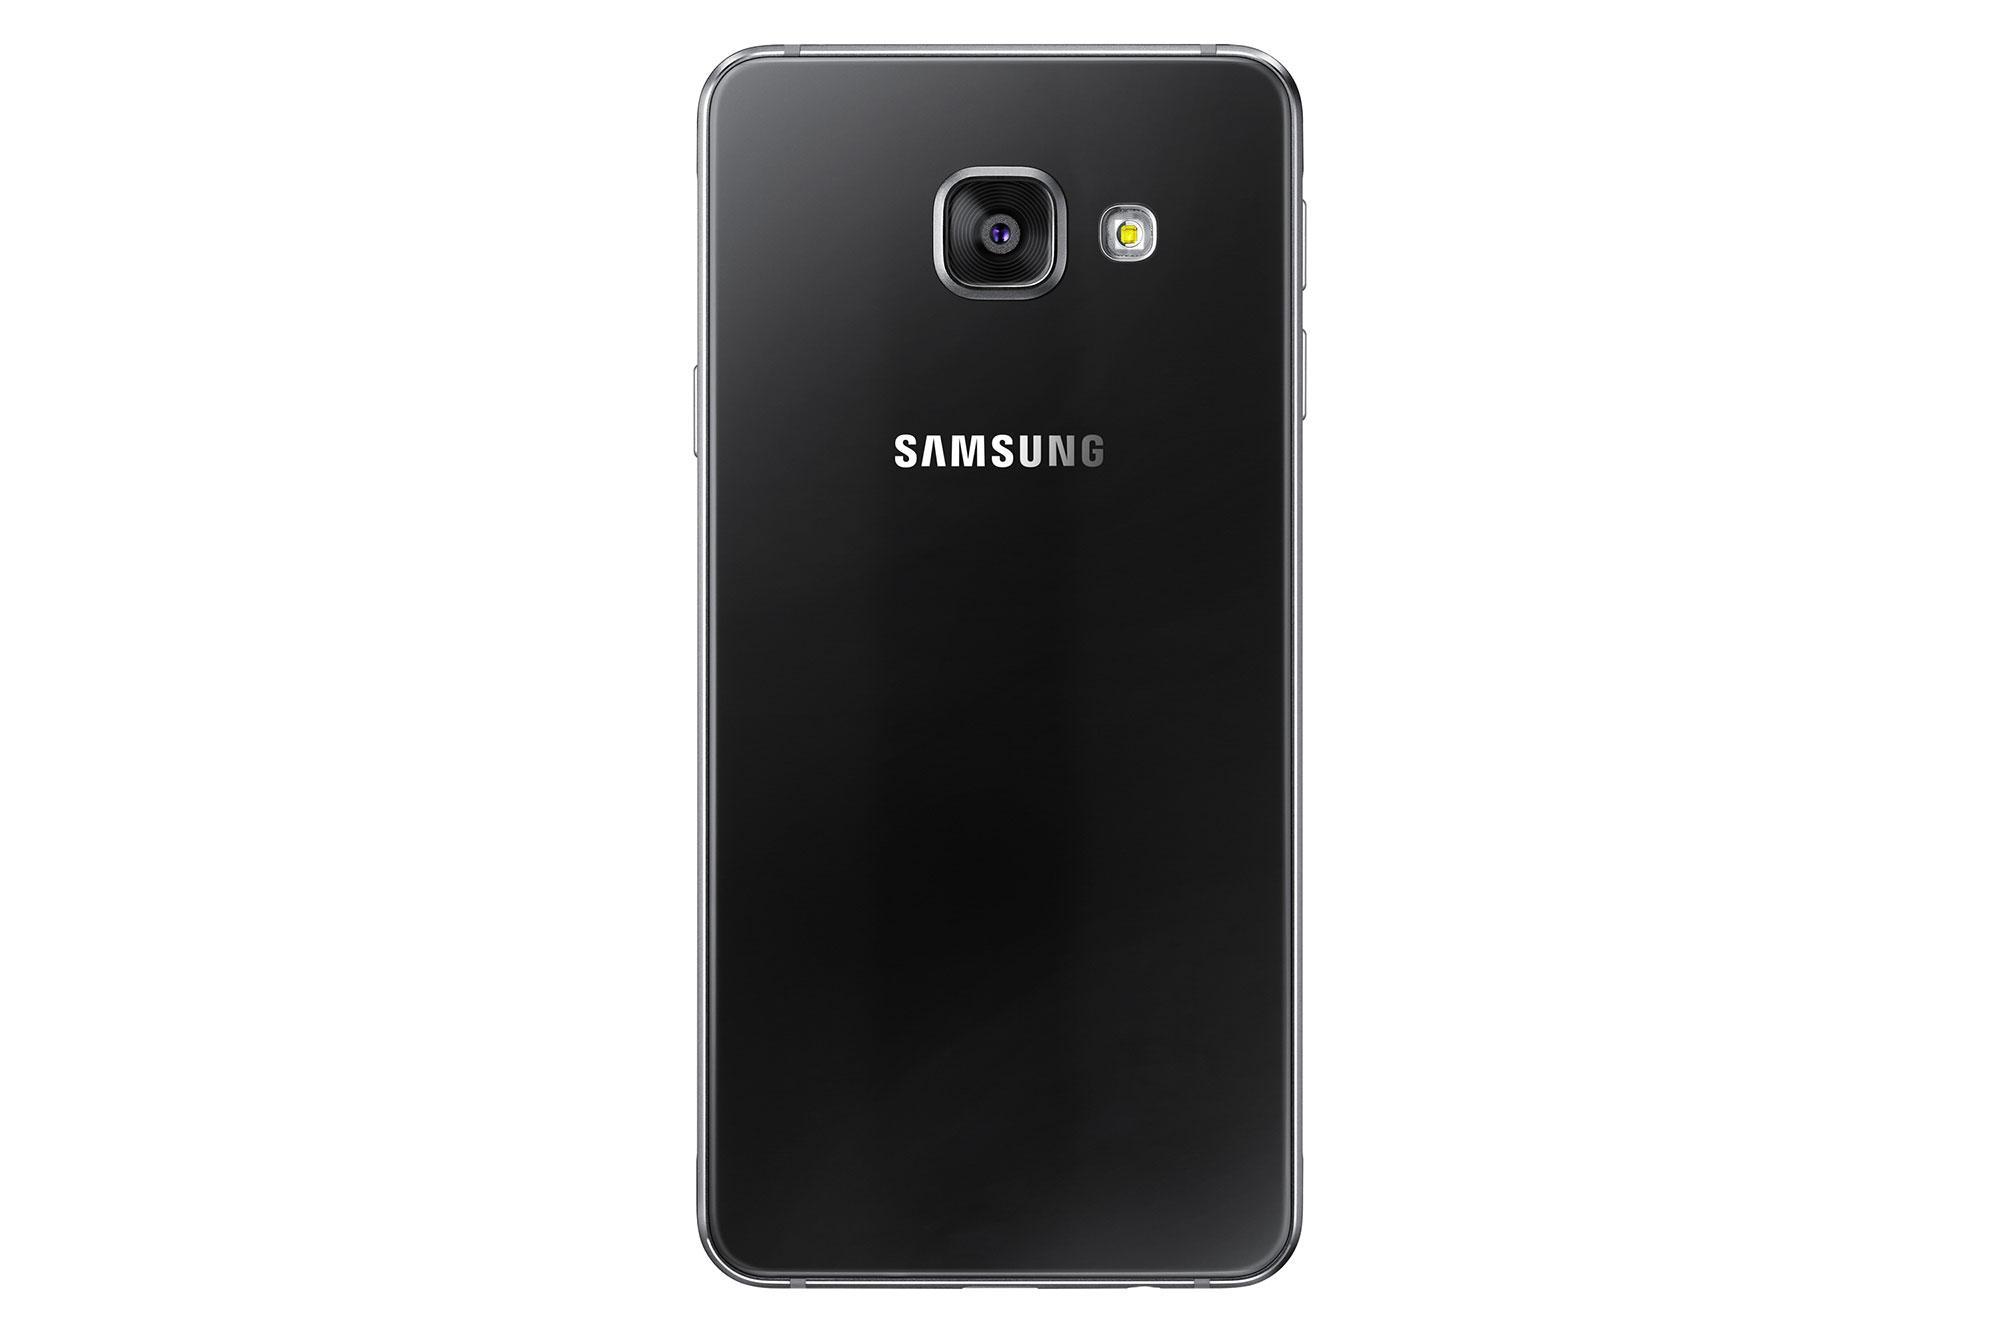 Samsung Galaxy A3 2016 negro trasera y cámara